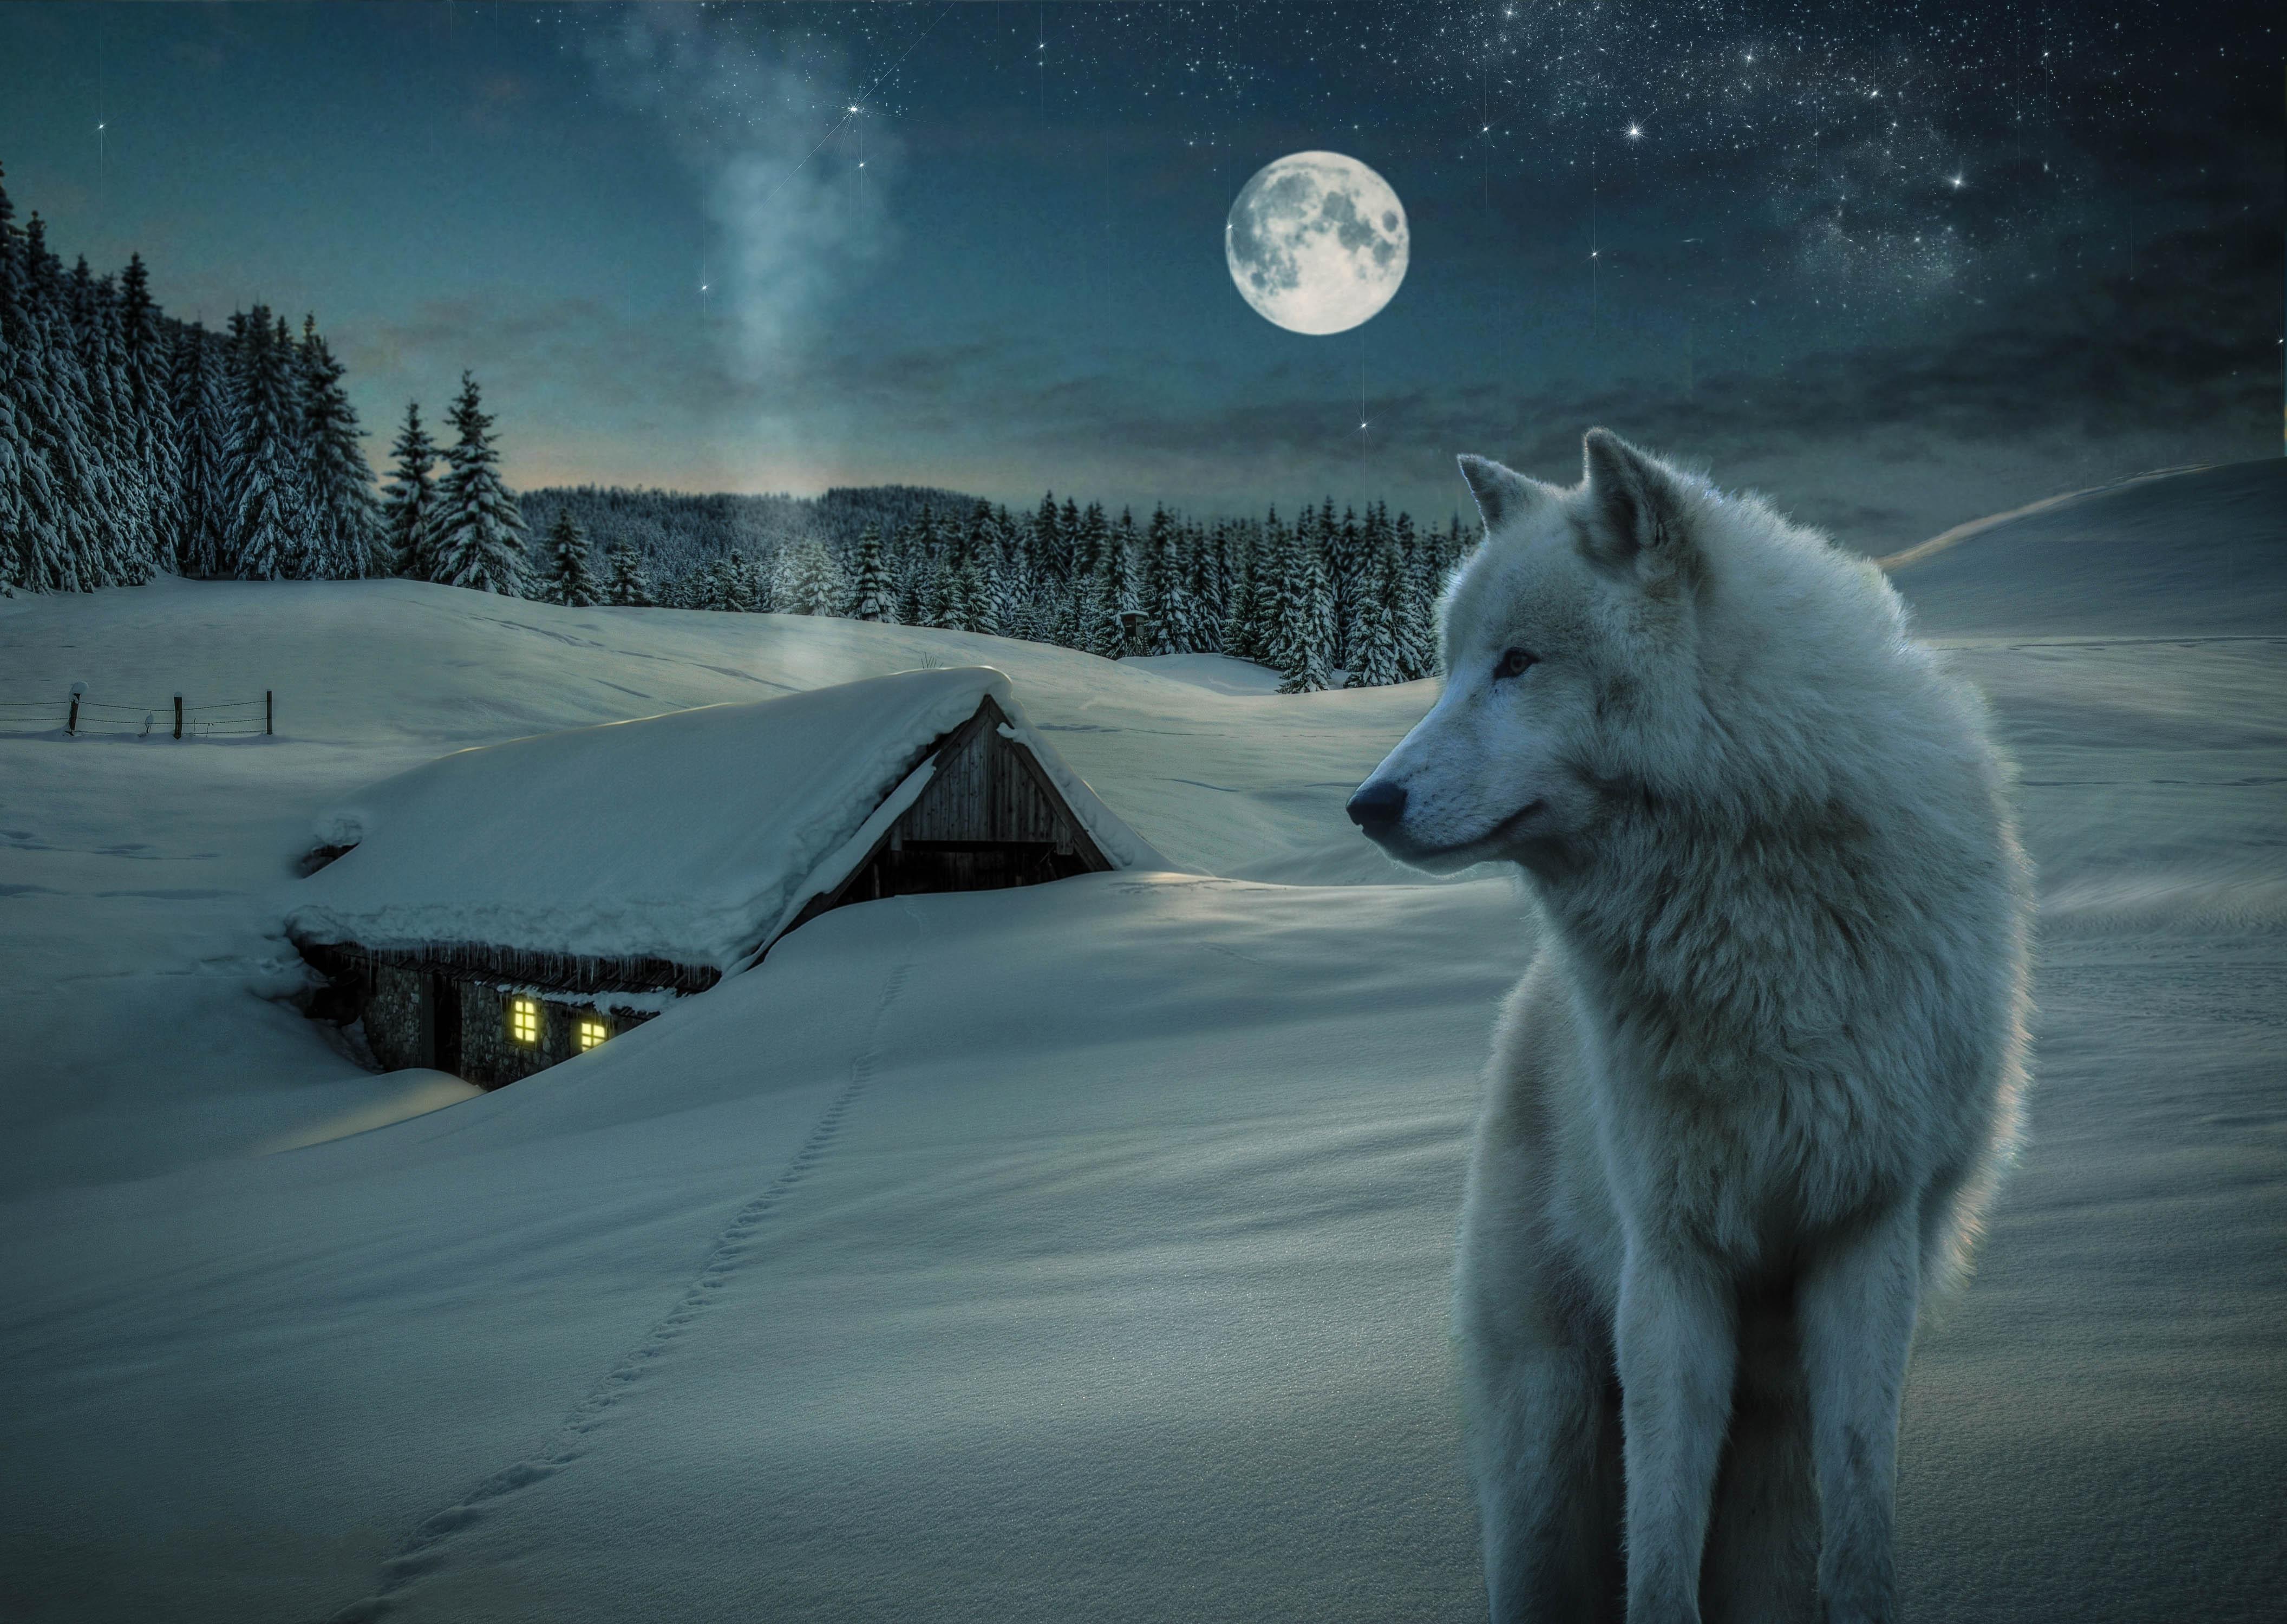 winter wolf wallpaper widescreen winter wolf wallpaper